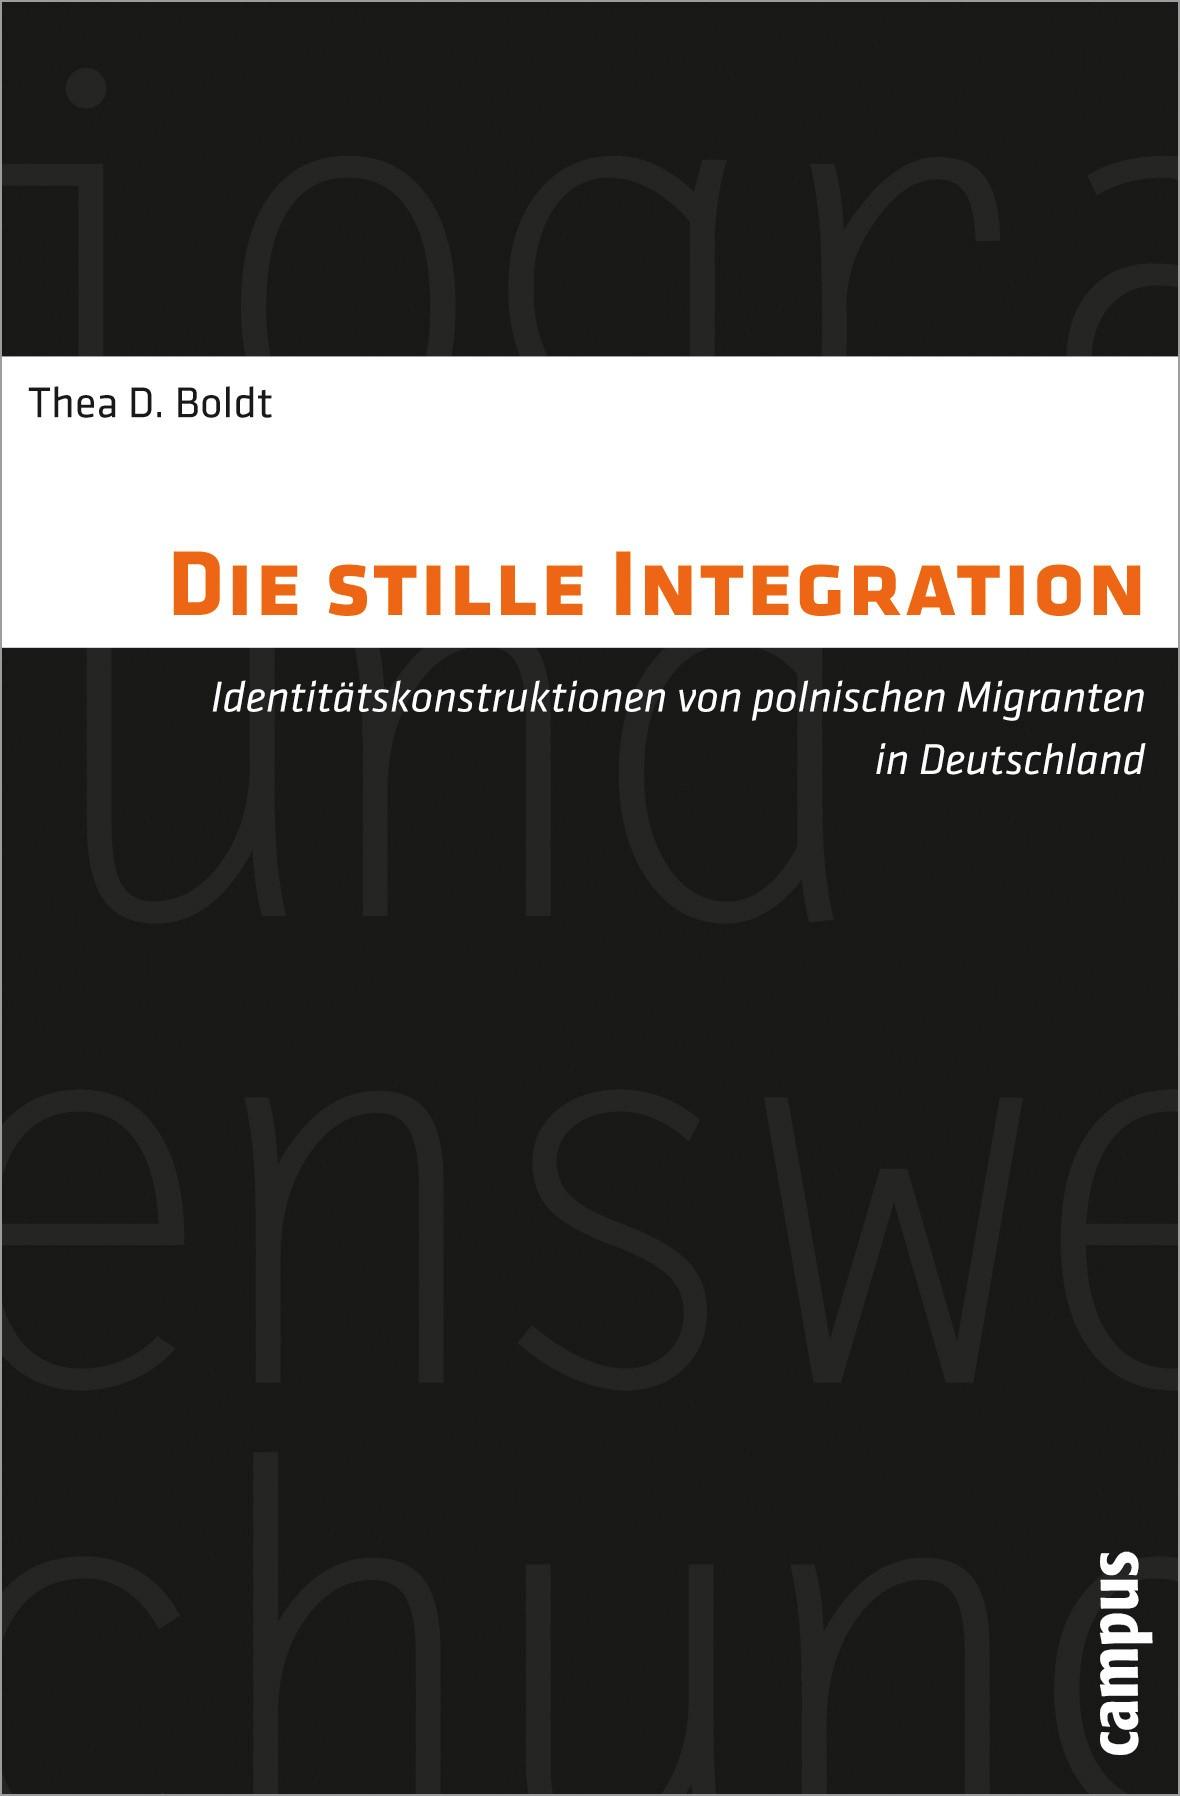 Abbildung von Boldt   Die stille Integration   2012